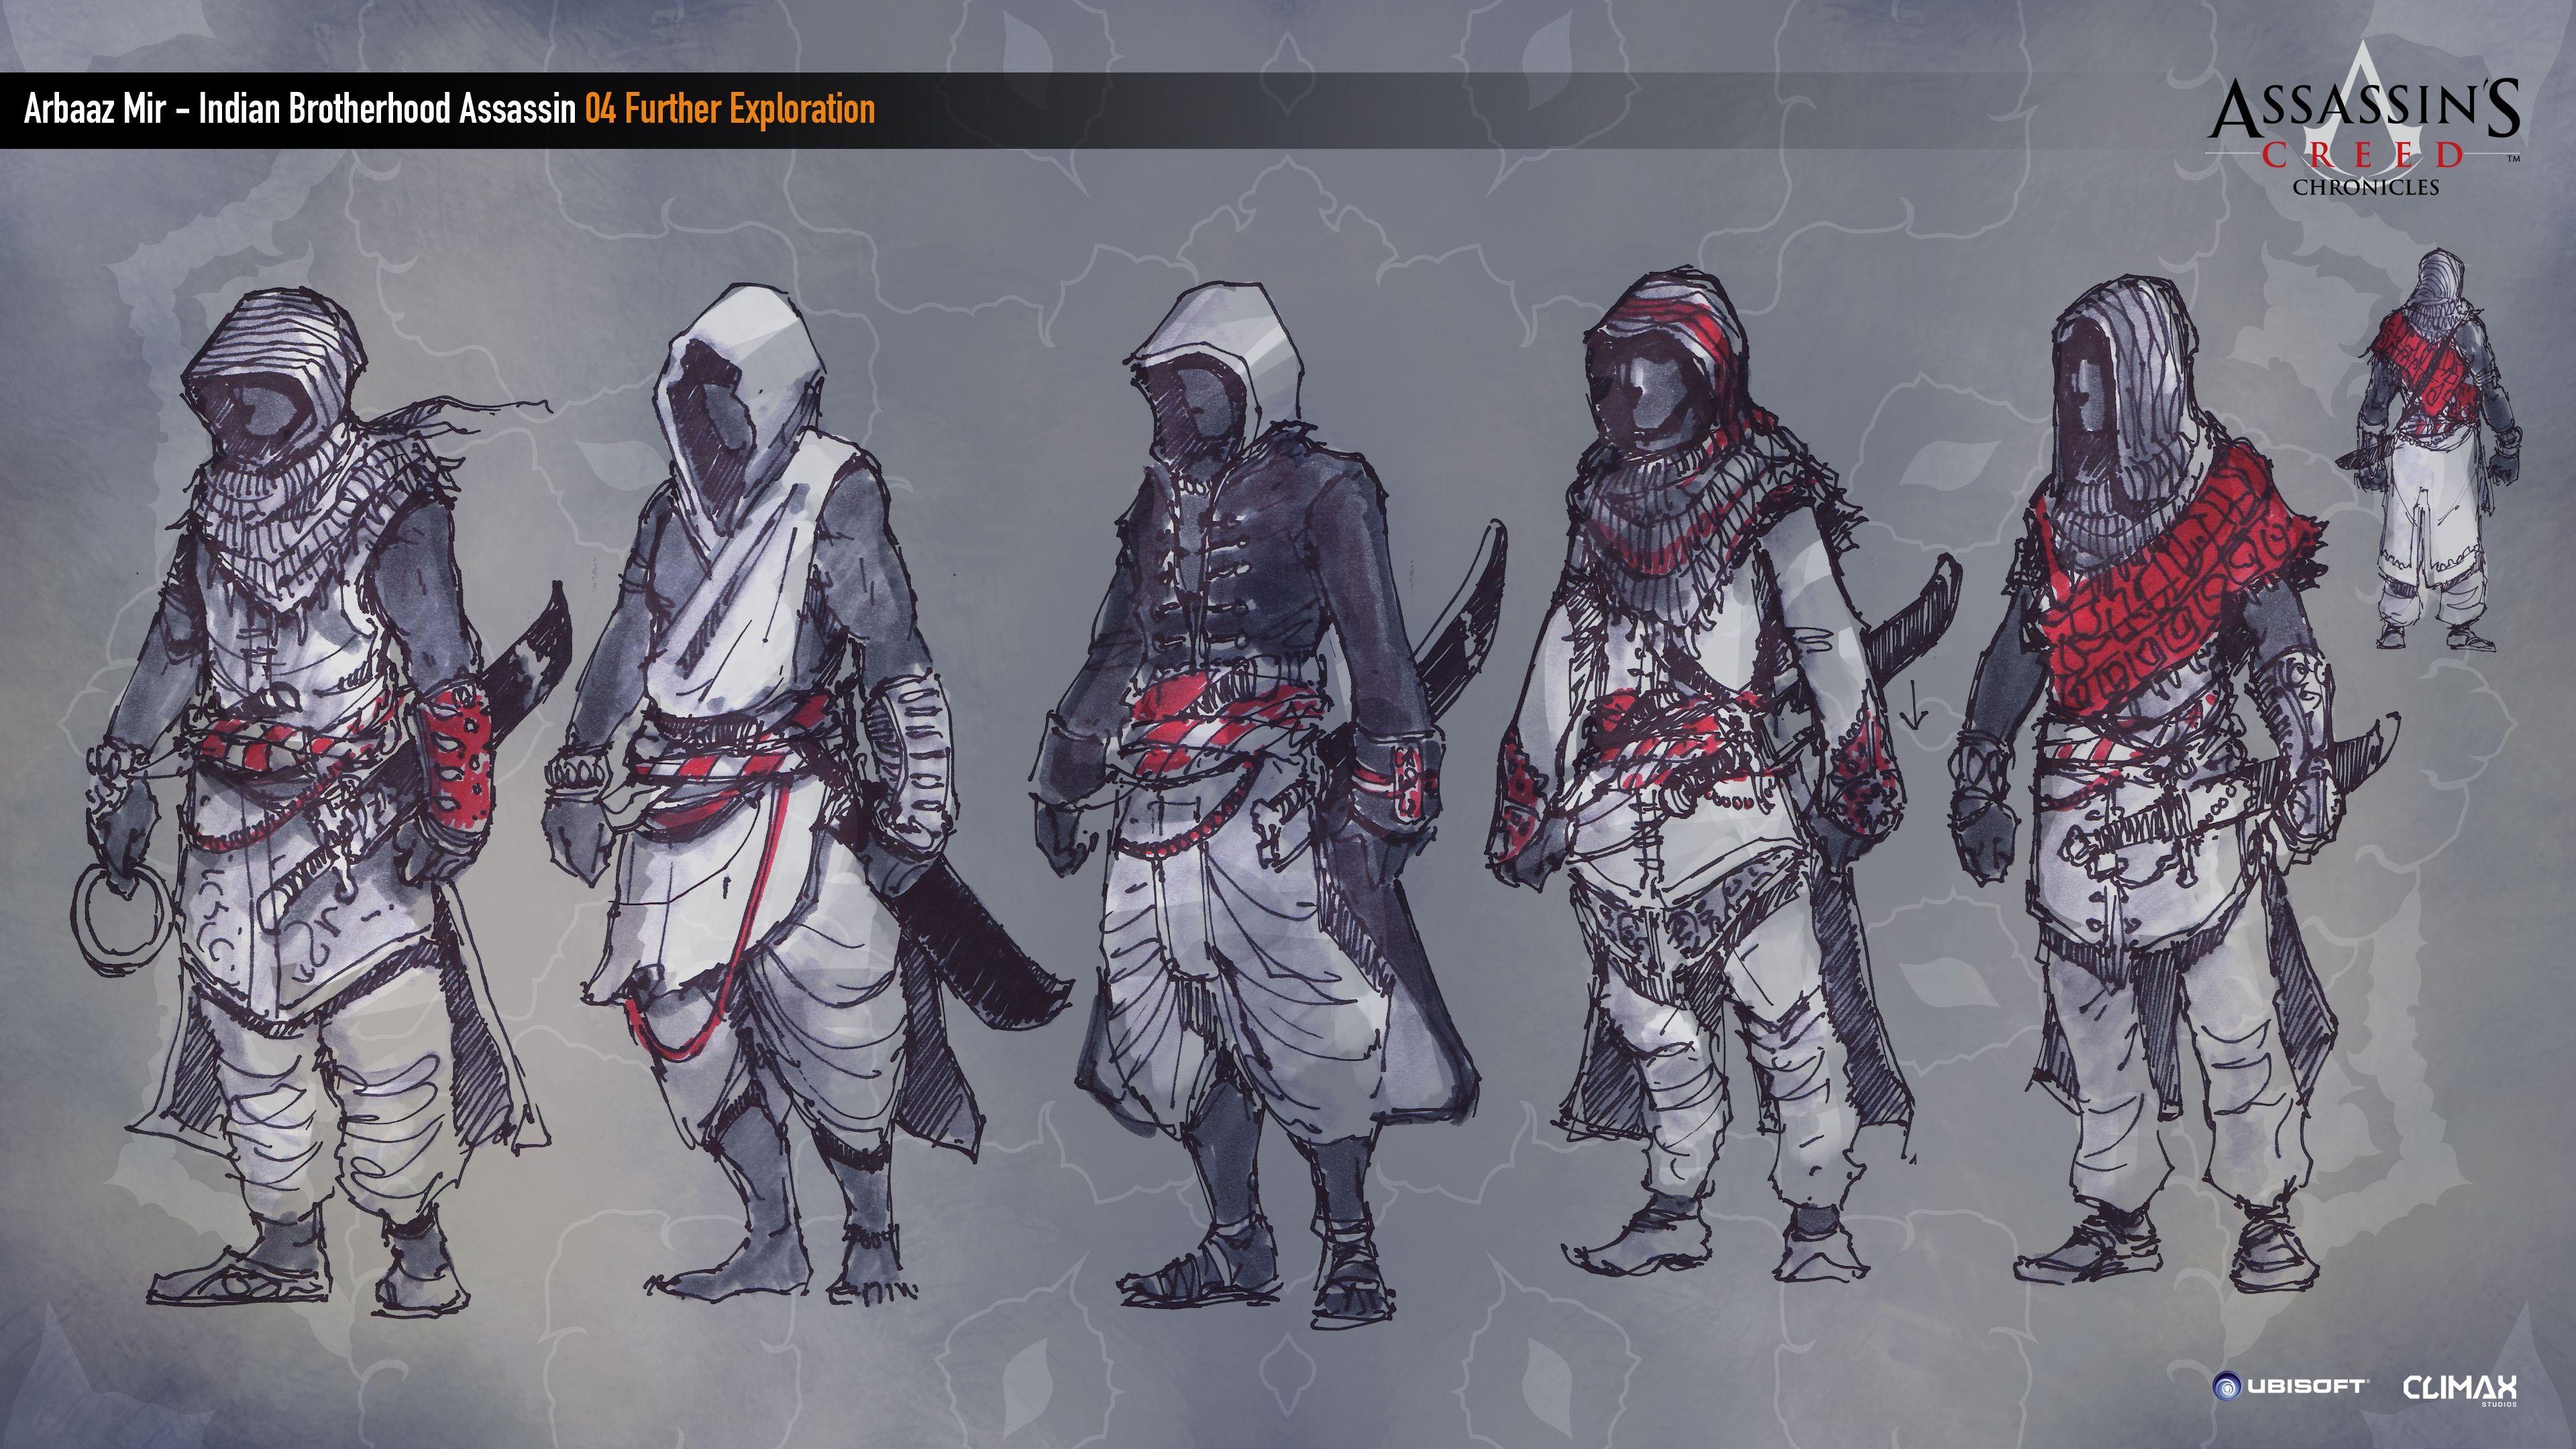 Assassin S Creed India Concept Art Assassins Creed Assassin S Creed Chronicles Assasins Creed